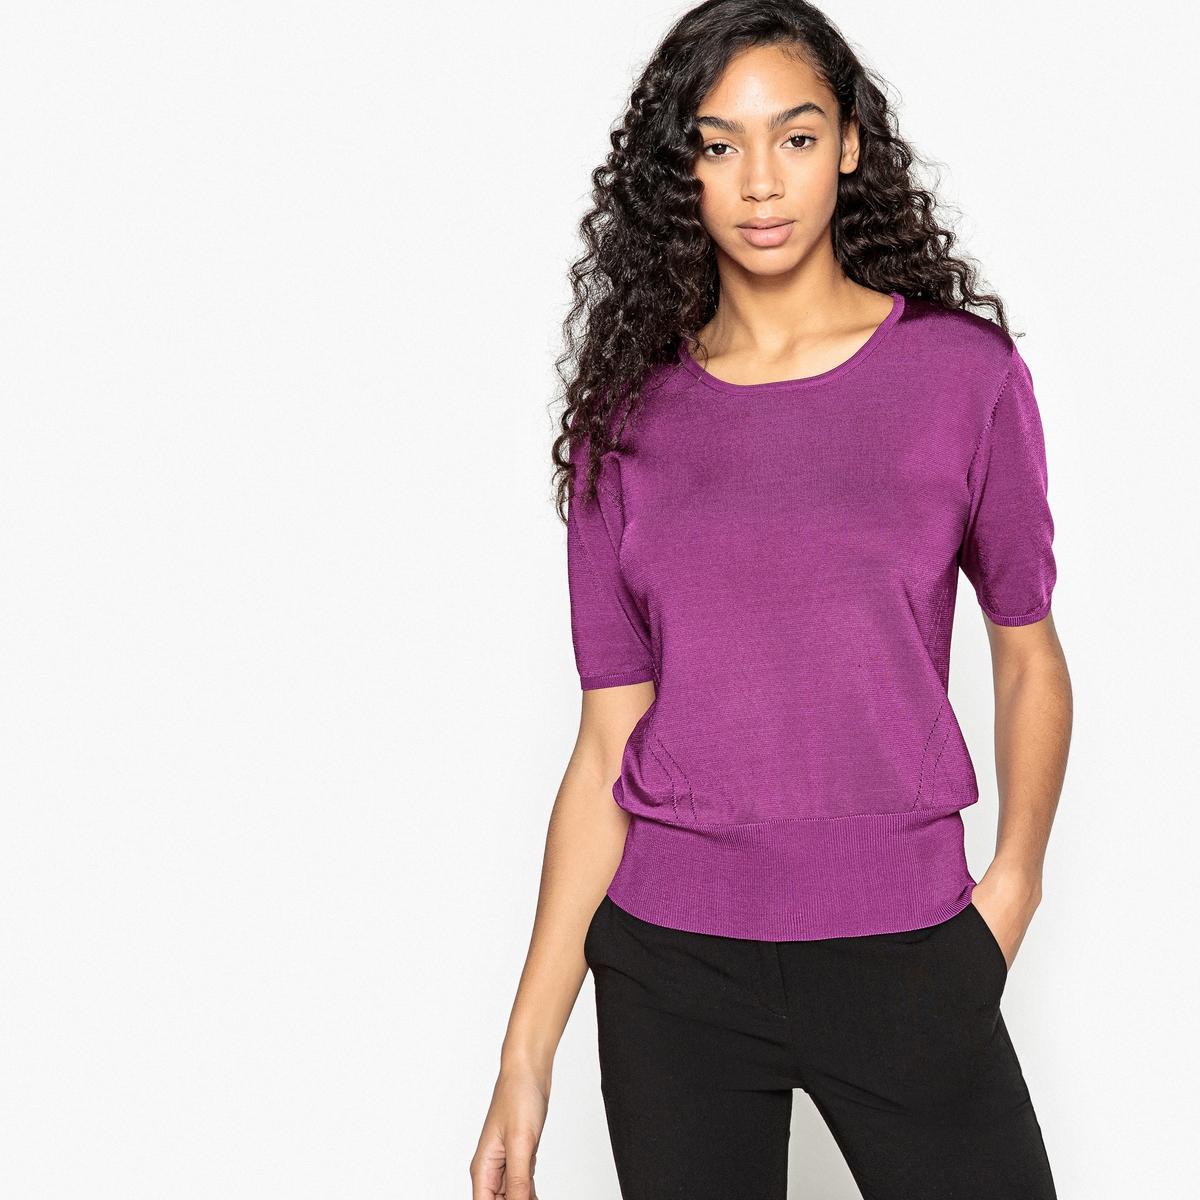 Пуловер La Redoute С круглым вырезом и короткими рукавами S фиолетовый пуловер la redoute с круглым вырезом в полоску из плотного трикотажа s красный